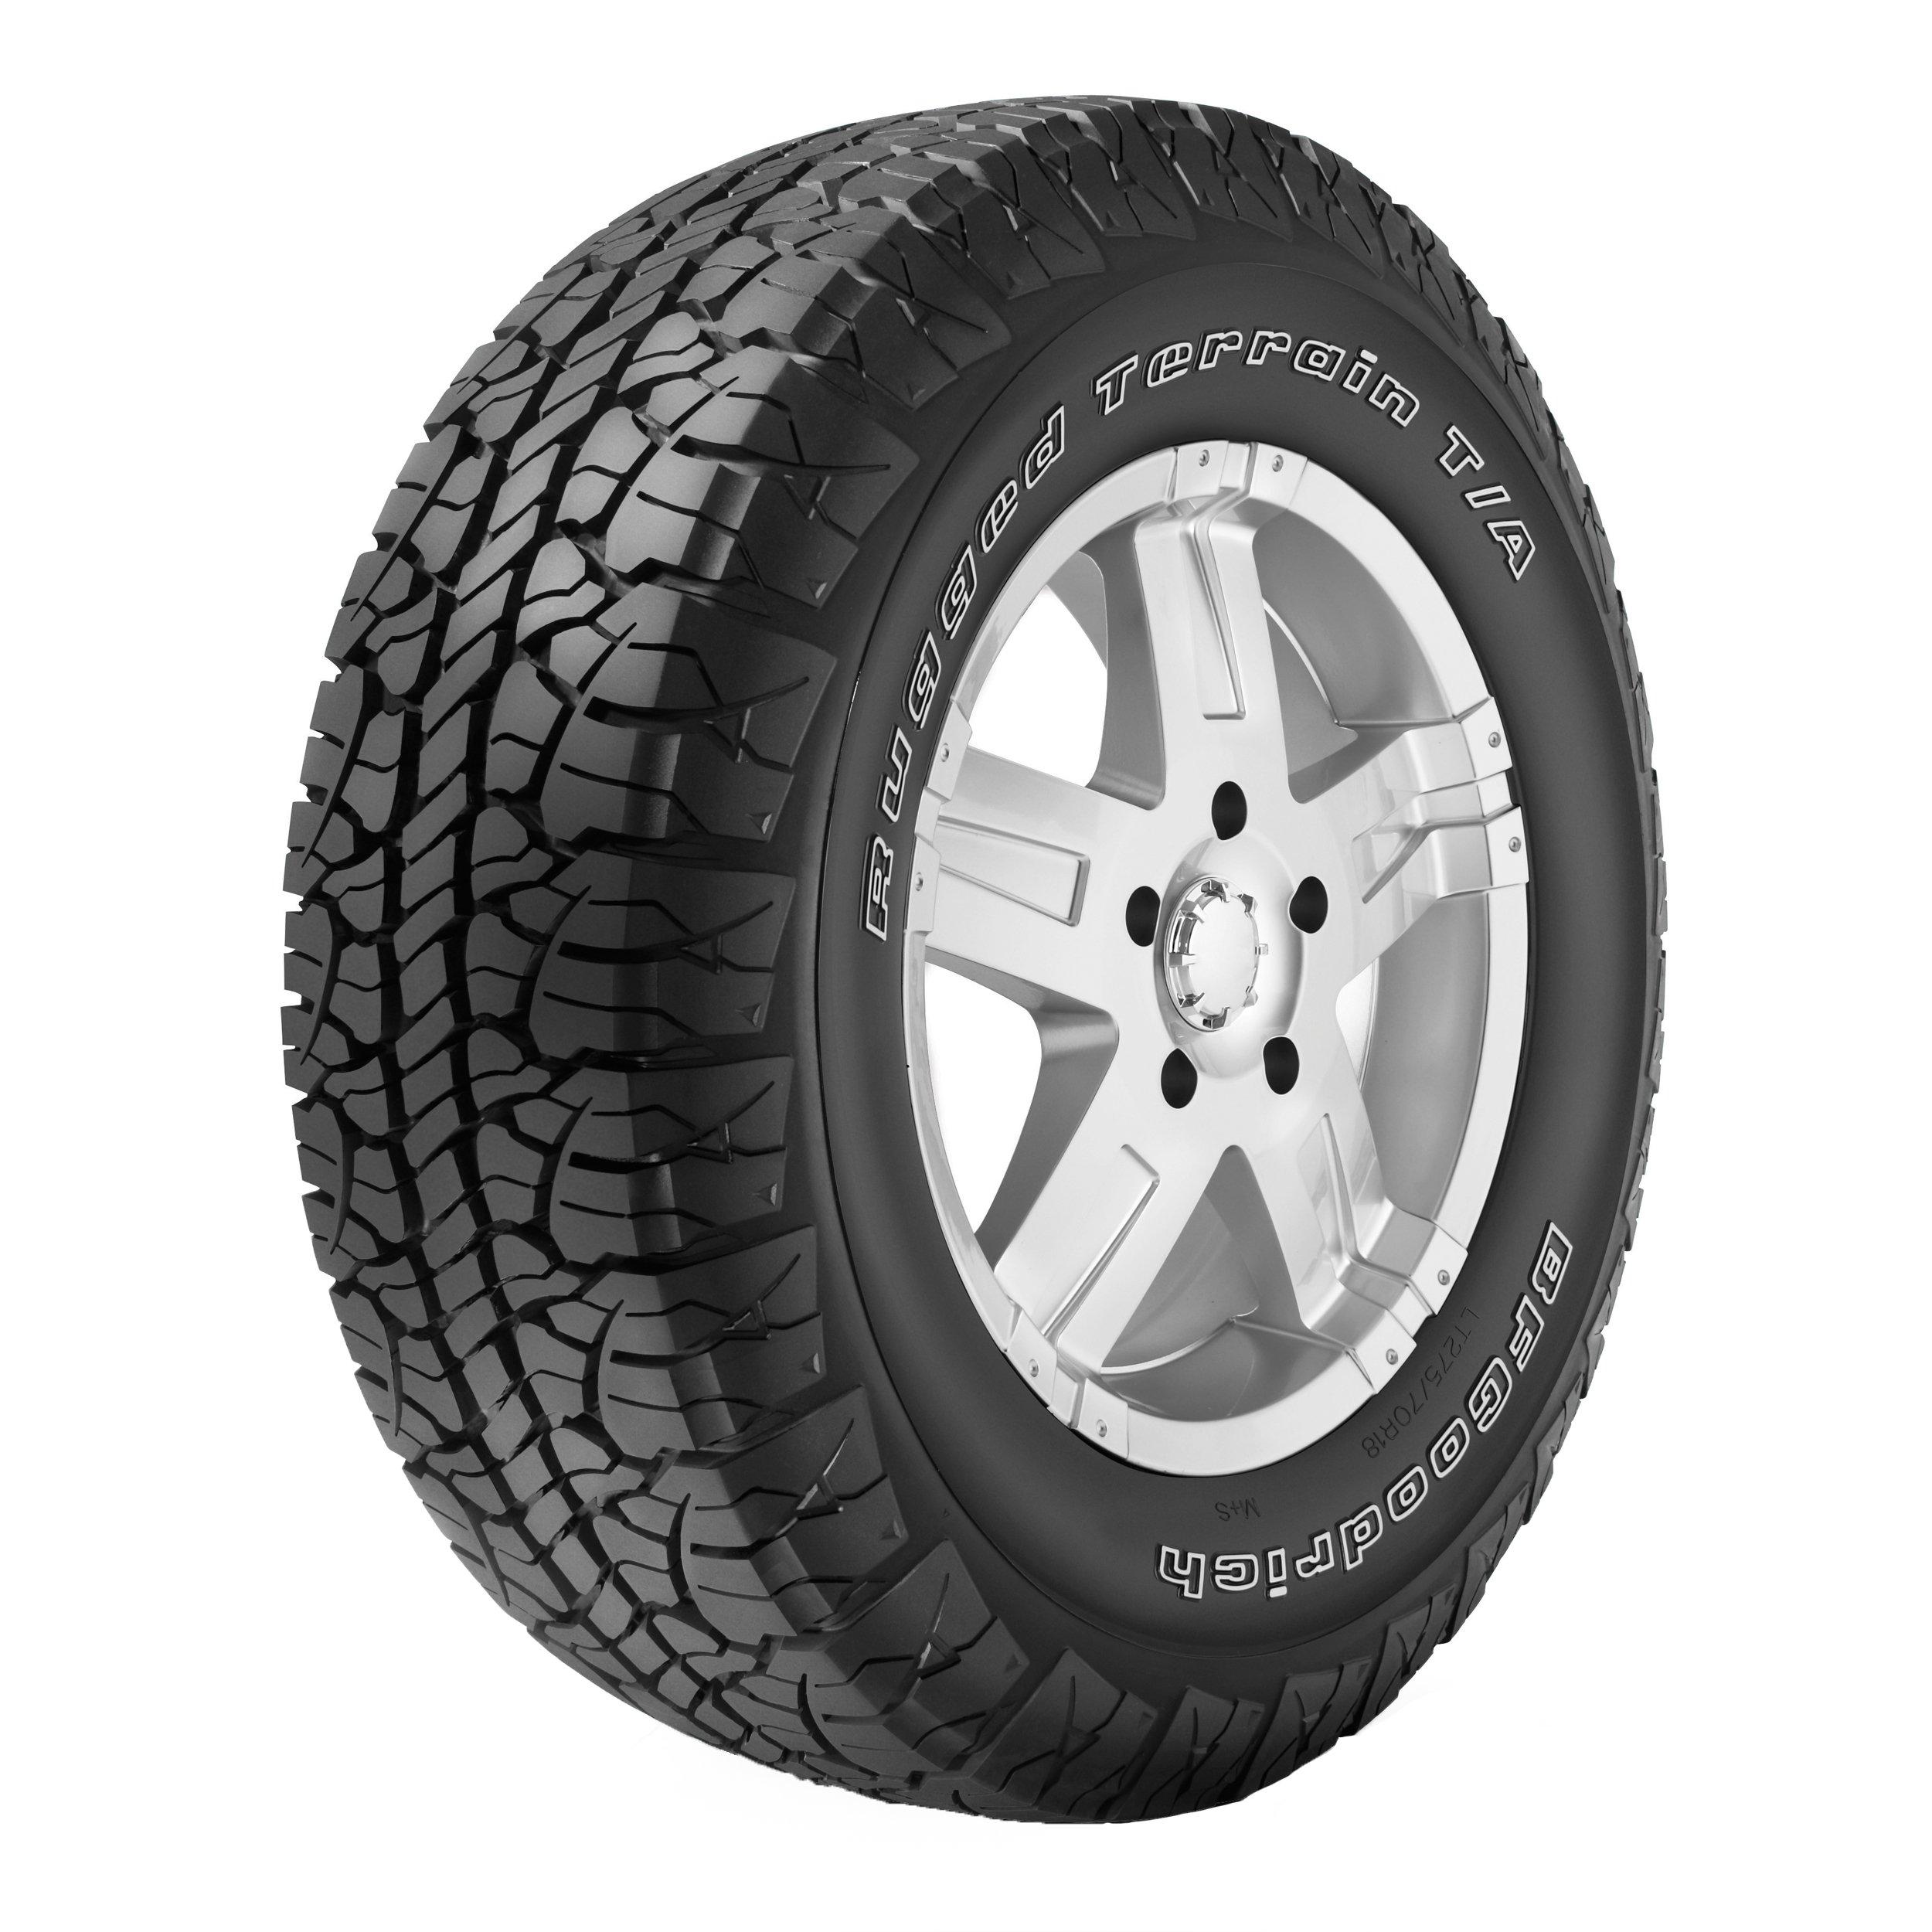 BFGoodrich Rugged Terrain T/A All-Season Radial Tire - P235/75R15/XL 108T